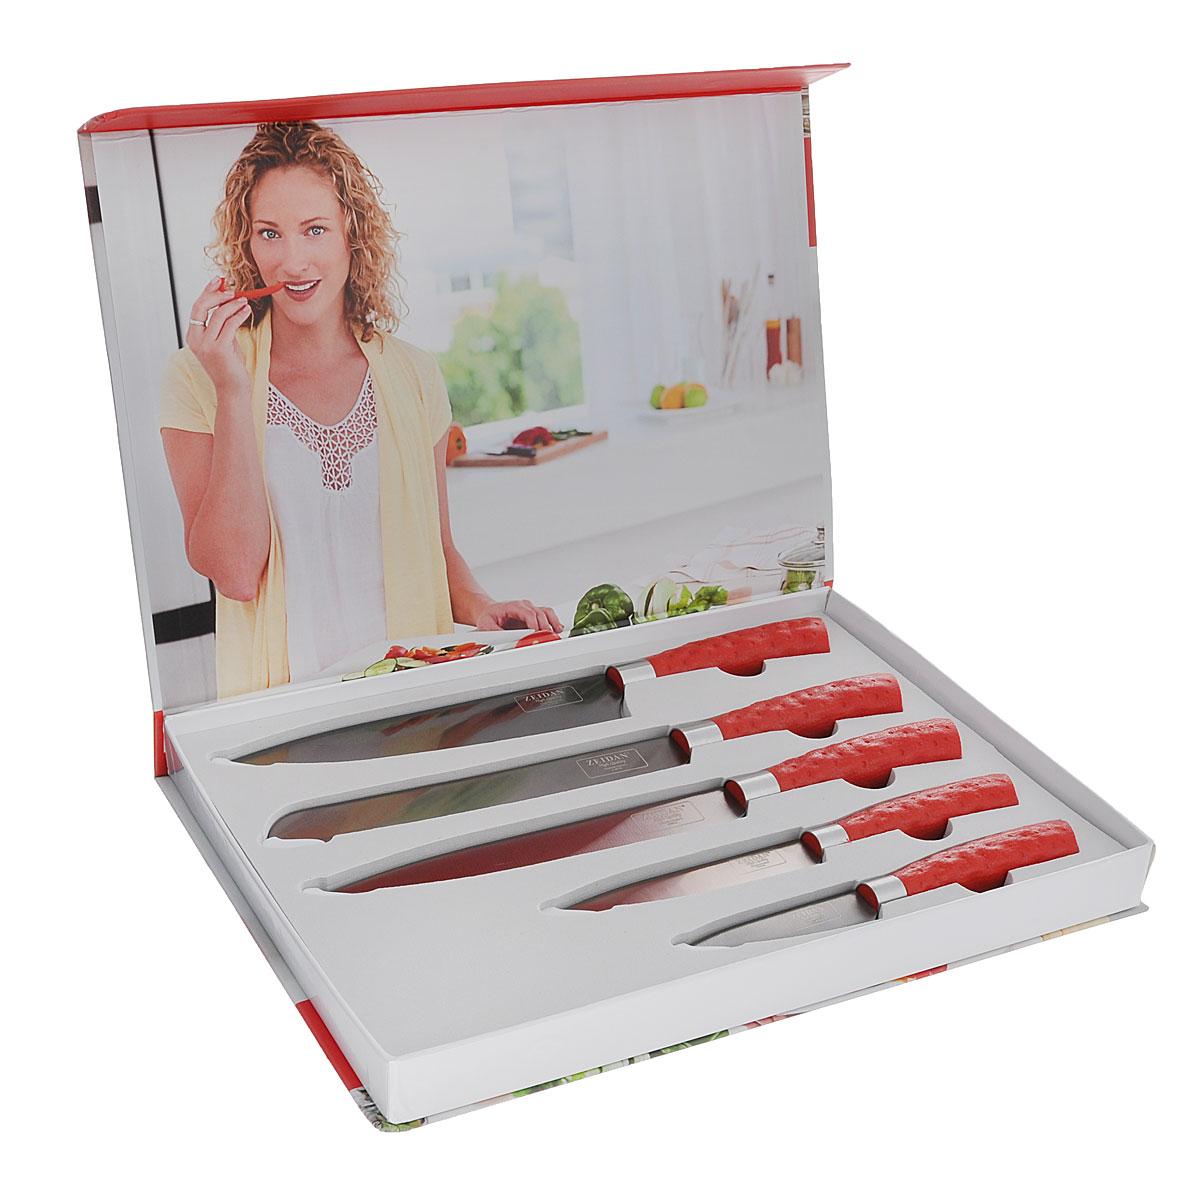 Набор ножей Zeidan, 5 шт. Z-3068Z-3068Набор Zeidan состоит из пяти ножей: поварского, универсального, для хлеба, для овощей и разделочного. Лезвия ножей изготовлены из высококачественной нержавеющей стали с титановым покрытием с обеих сторон. Благодаря такому покрытию ножи обладают высокой прочностью, а режущая кромка сохраняет свою остроту на долгое время. Титан - абсолютно инертный материал и титановое покрытие препятствует образованию железосодержащих ионов. Ножи не вступают в реакцию с кислотами и щелочами, на них не образуется ржавчина, они не впитывают запаха и не оставляют металлического послевкусия. Эргономичные рукоятки, выполненные из высококачественного пластика и оформленные под кожу, не позволяют скользить ножам в руках и обеспечивают безопасность при нарезке продуктов. Такой набор займет достойное место среди аксессуаров на вашей кухне. Общая длина поварского ножа: 32 см. Длина лезвия поварского ножа: 19 см. Общая длина универсального ножа: 23 см. Длина лезвия...